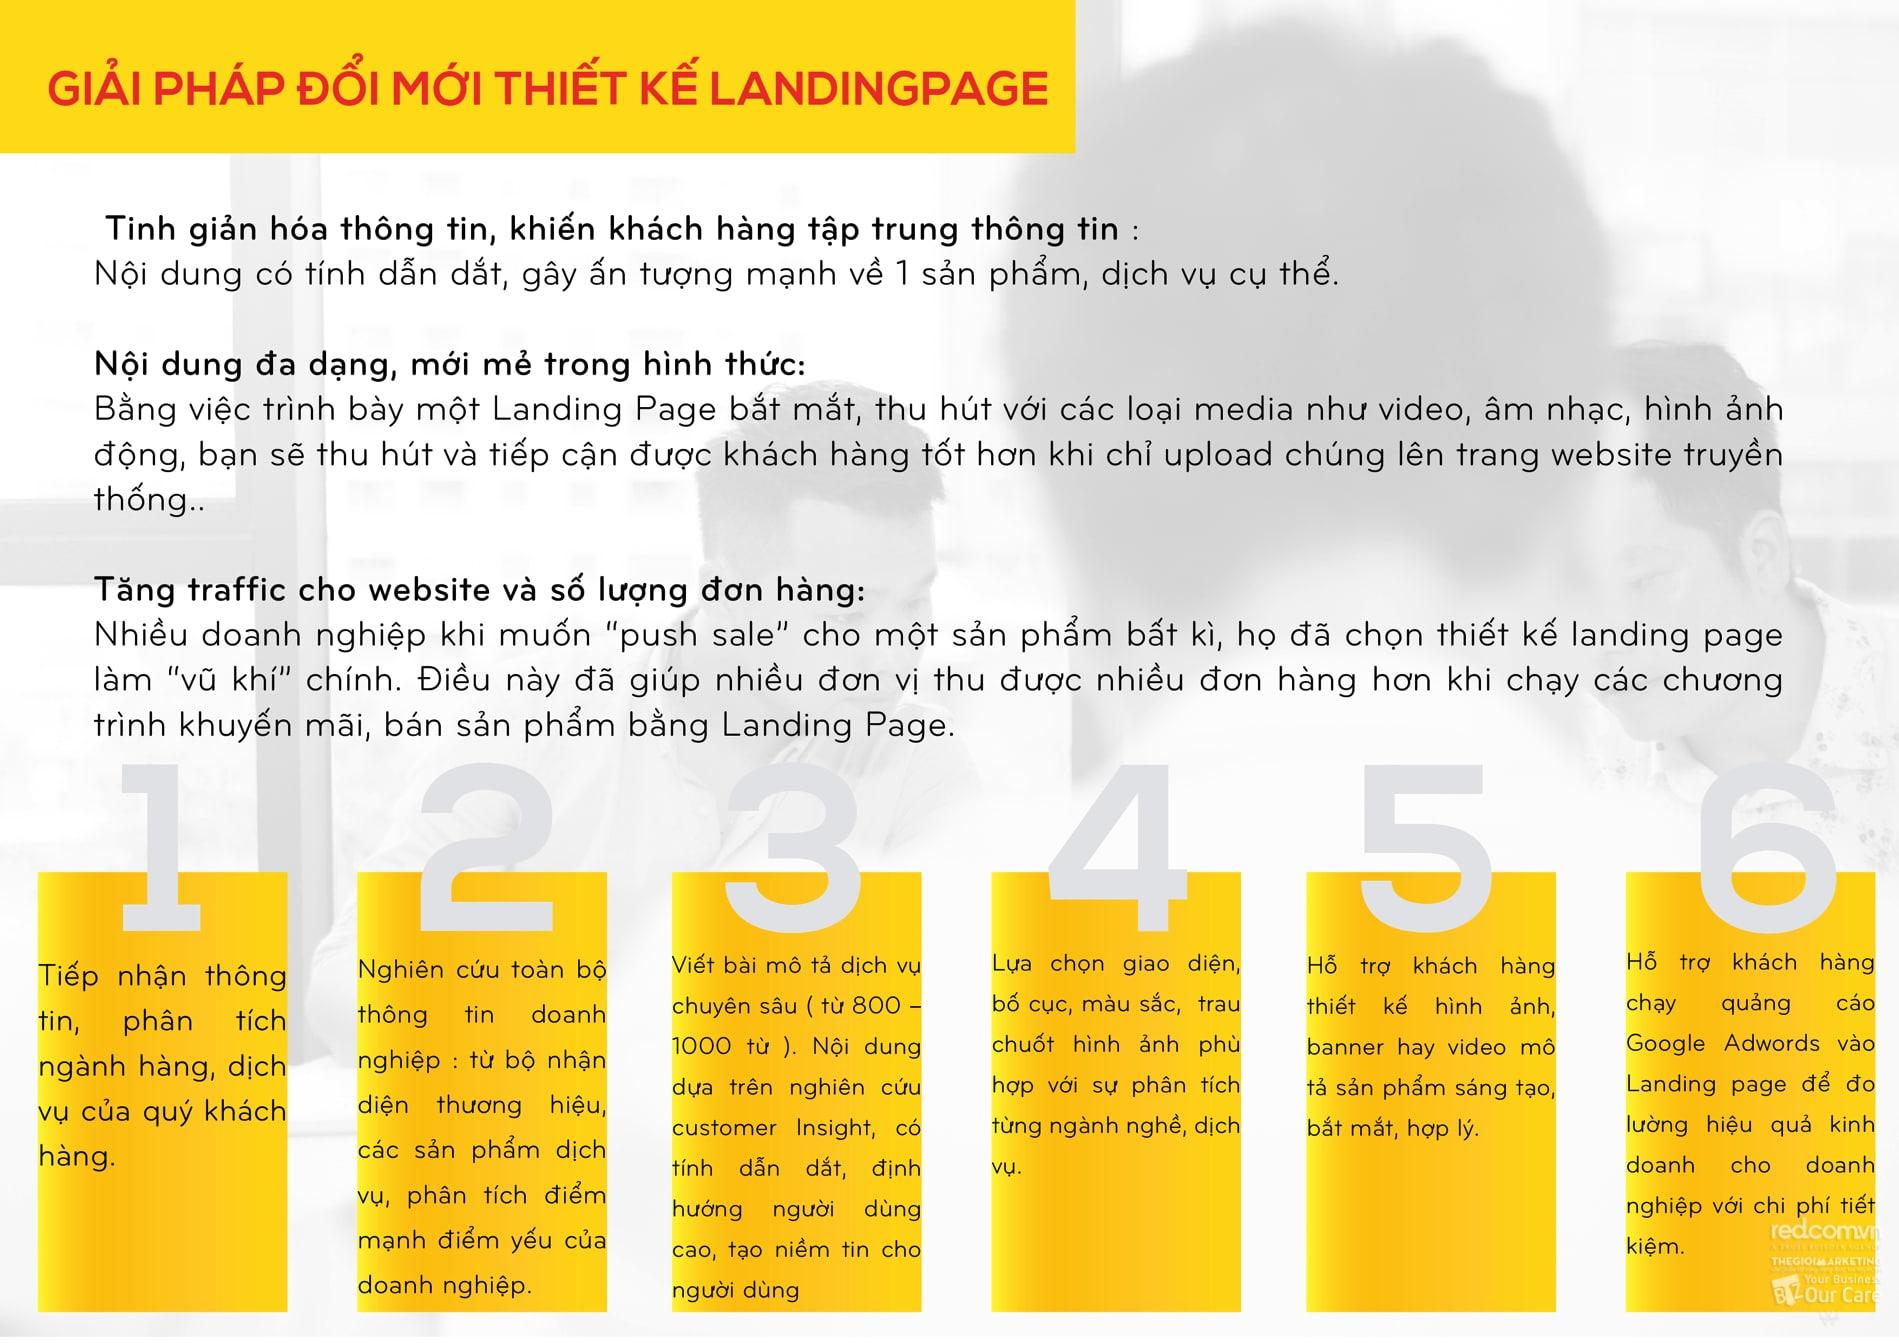 thiet-ke-landingpage-1